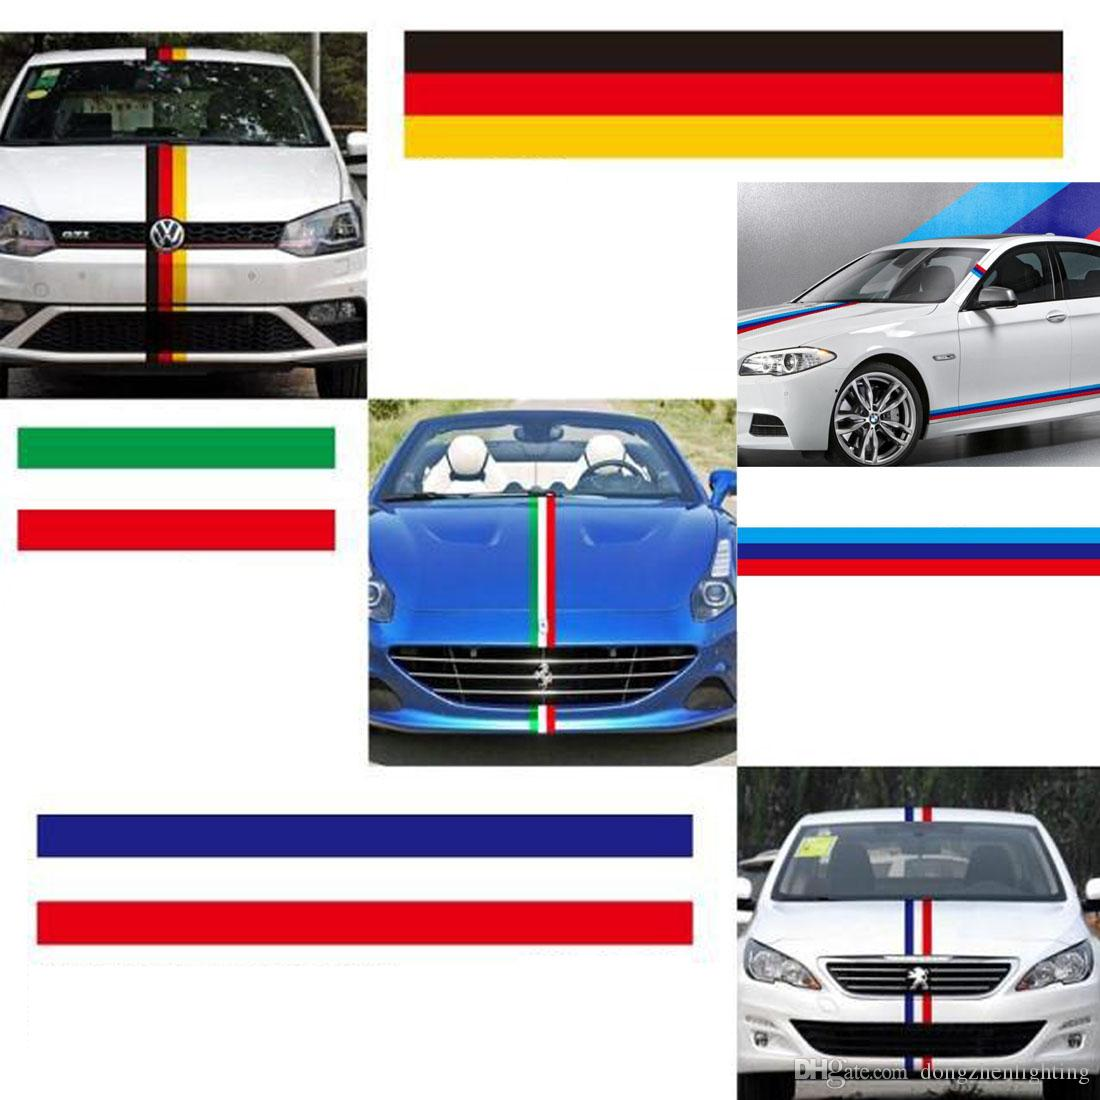 Car Flag Sticker Cover For Bmw E46 E52 E53 E60 E90 X1 X3